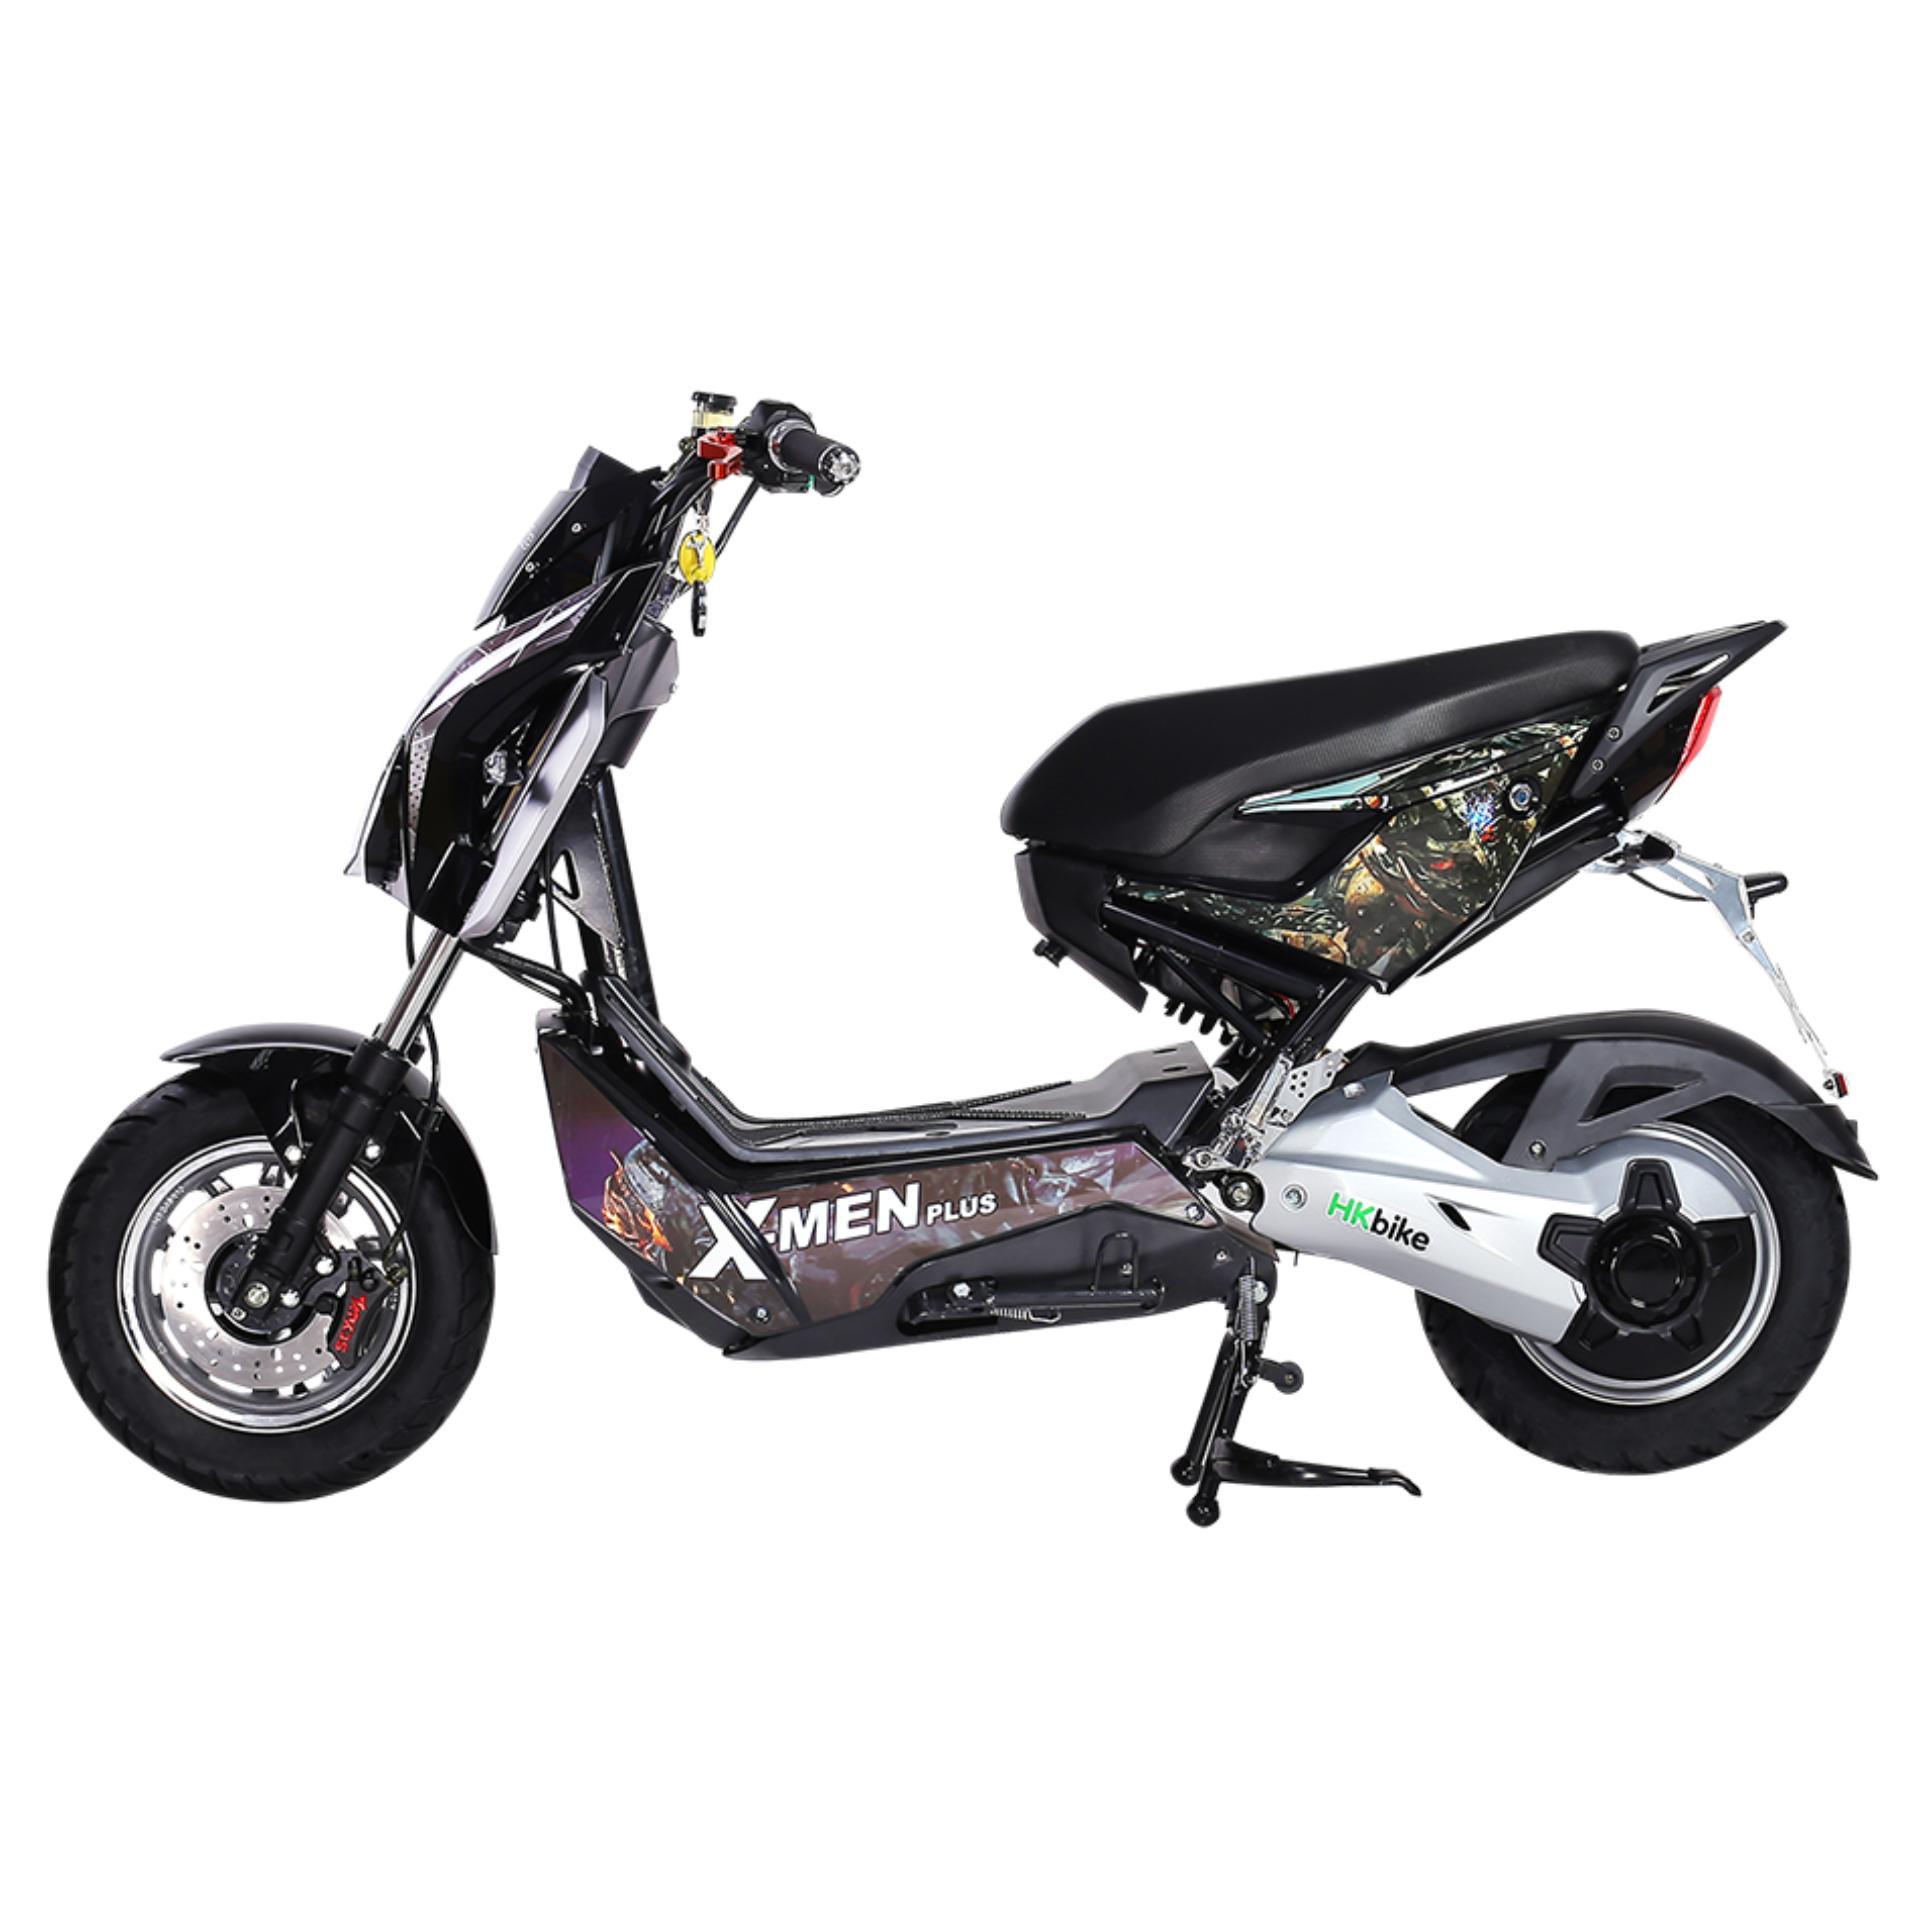 Xe máy điện HKbike Xmen Plus (màu Đen)